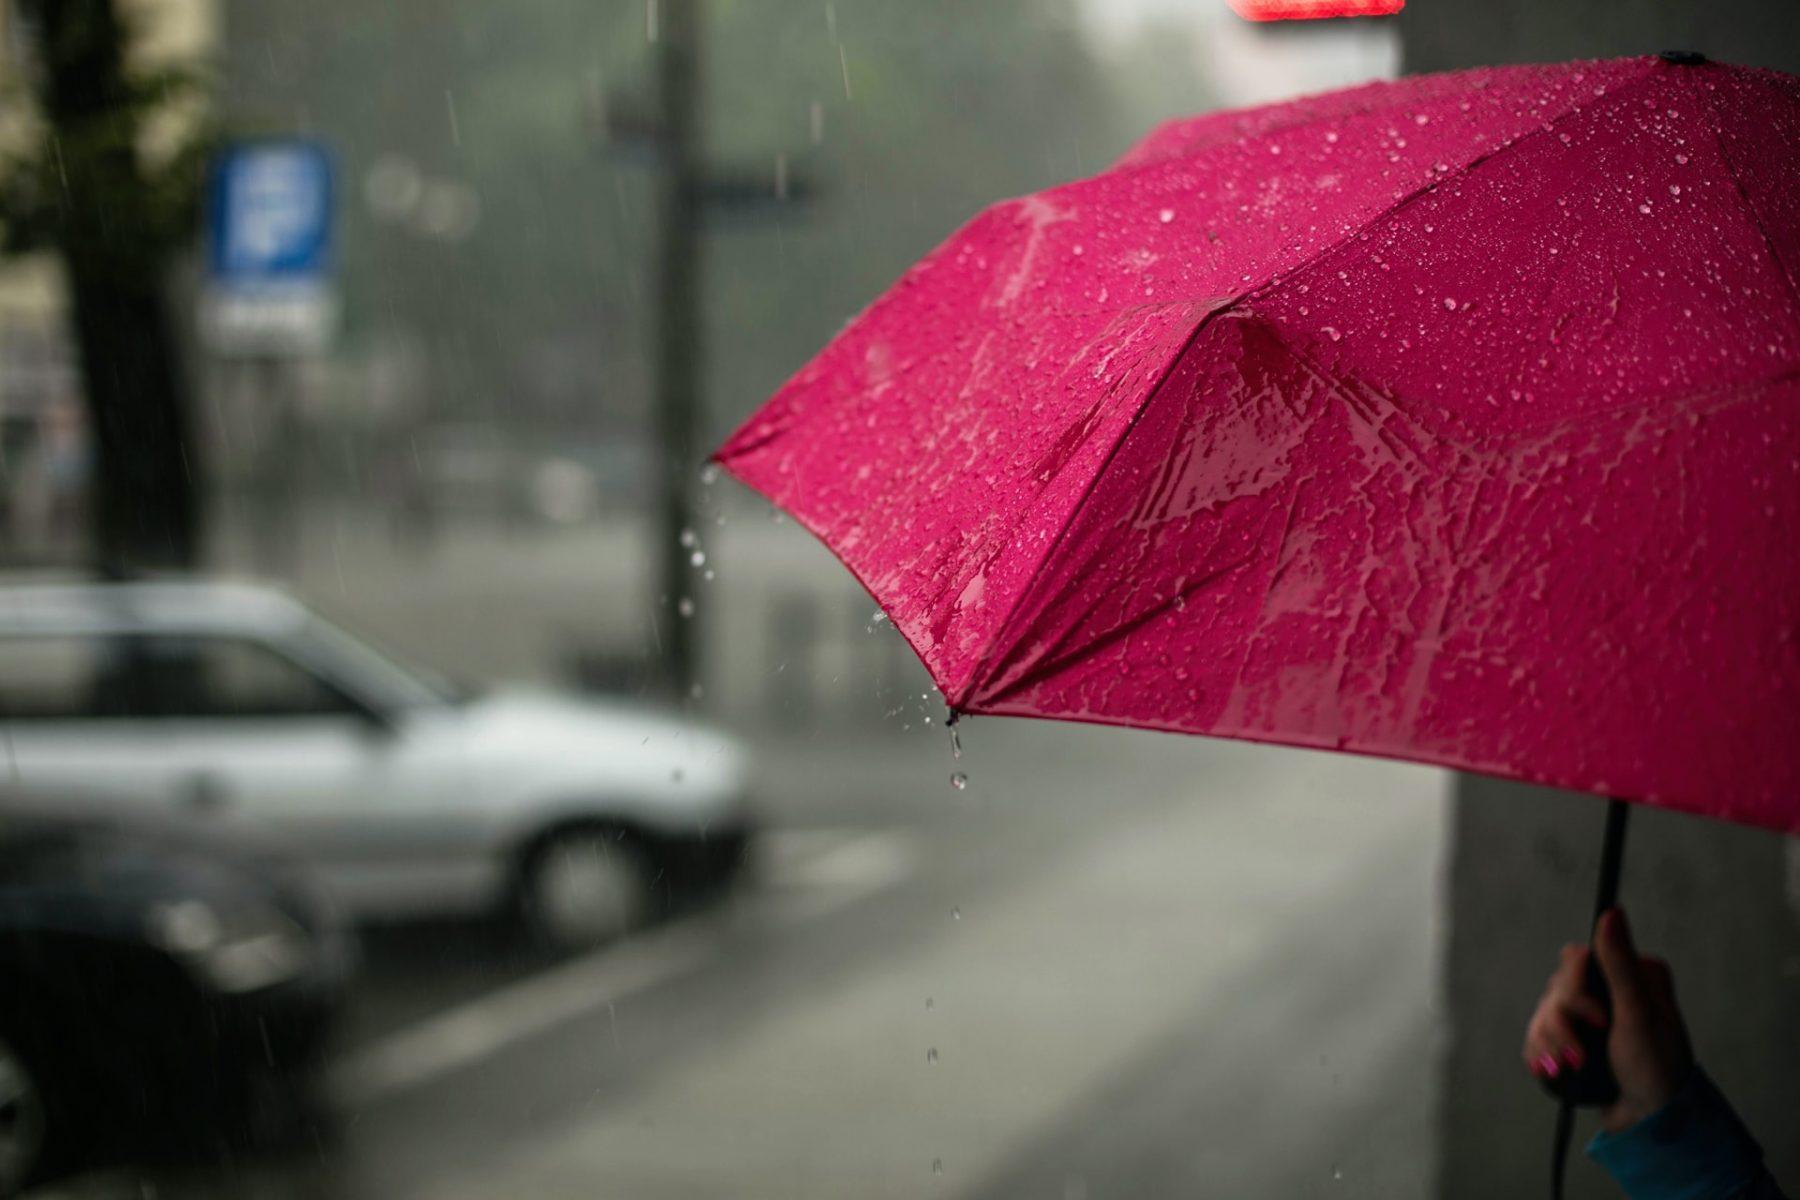 Καιρός Πάτρα: Κακοκαιρία χτυπάει τη χώρα, στην Πάτρα βρέχει μετά από 4 μήνες